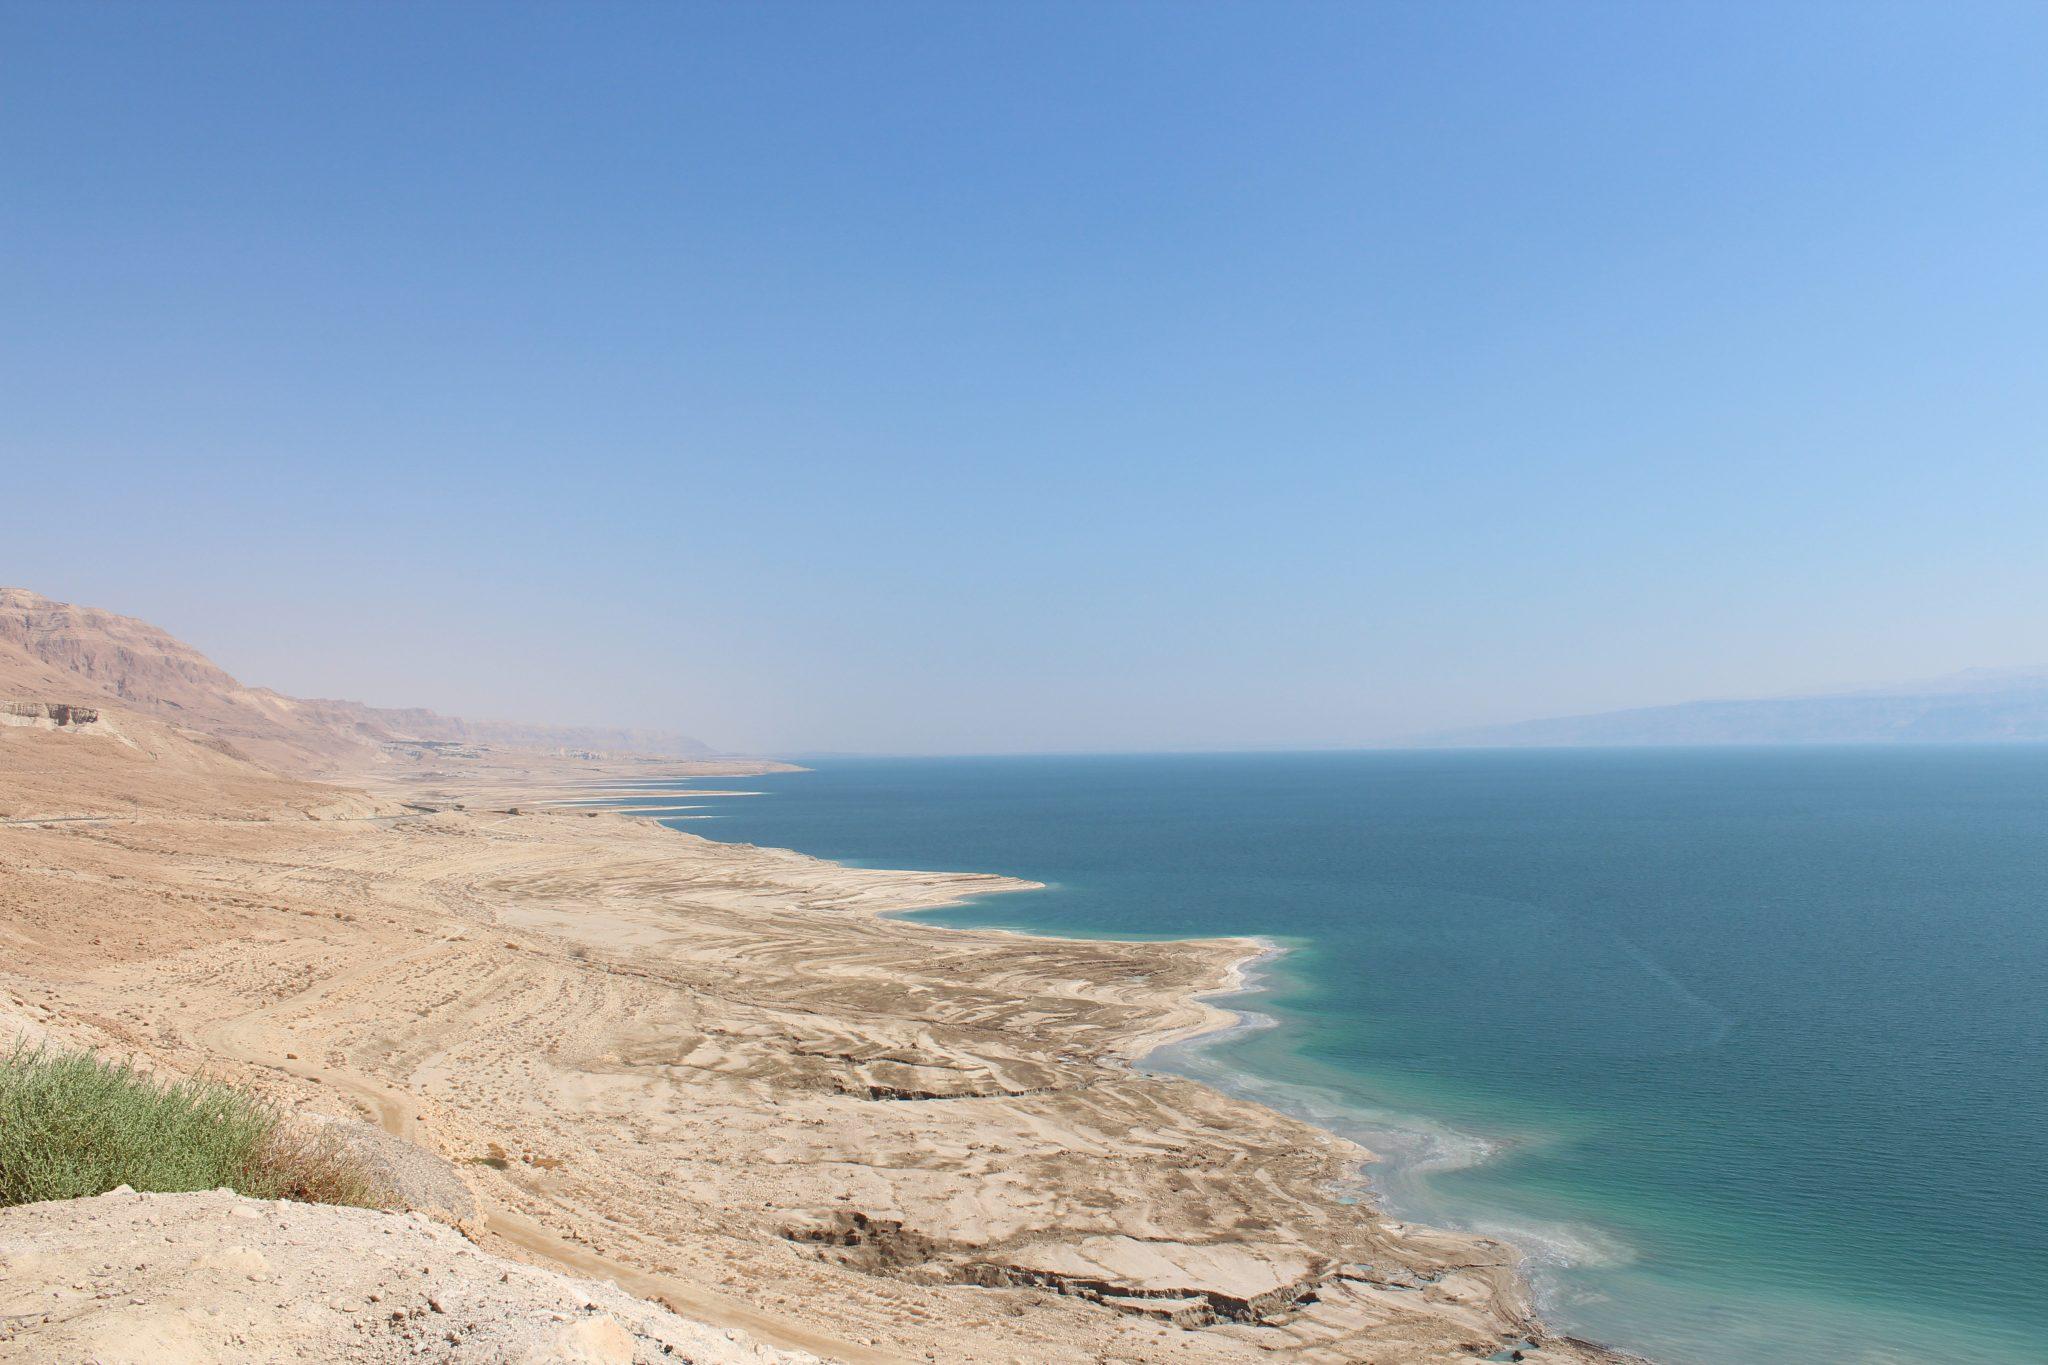 Ölü deniz (Lut gölü), İsrail